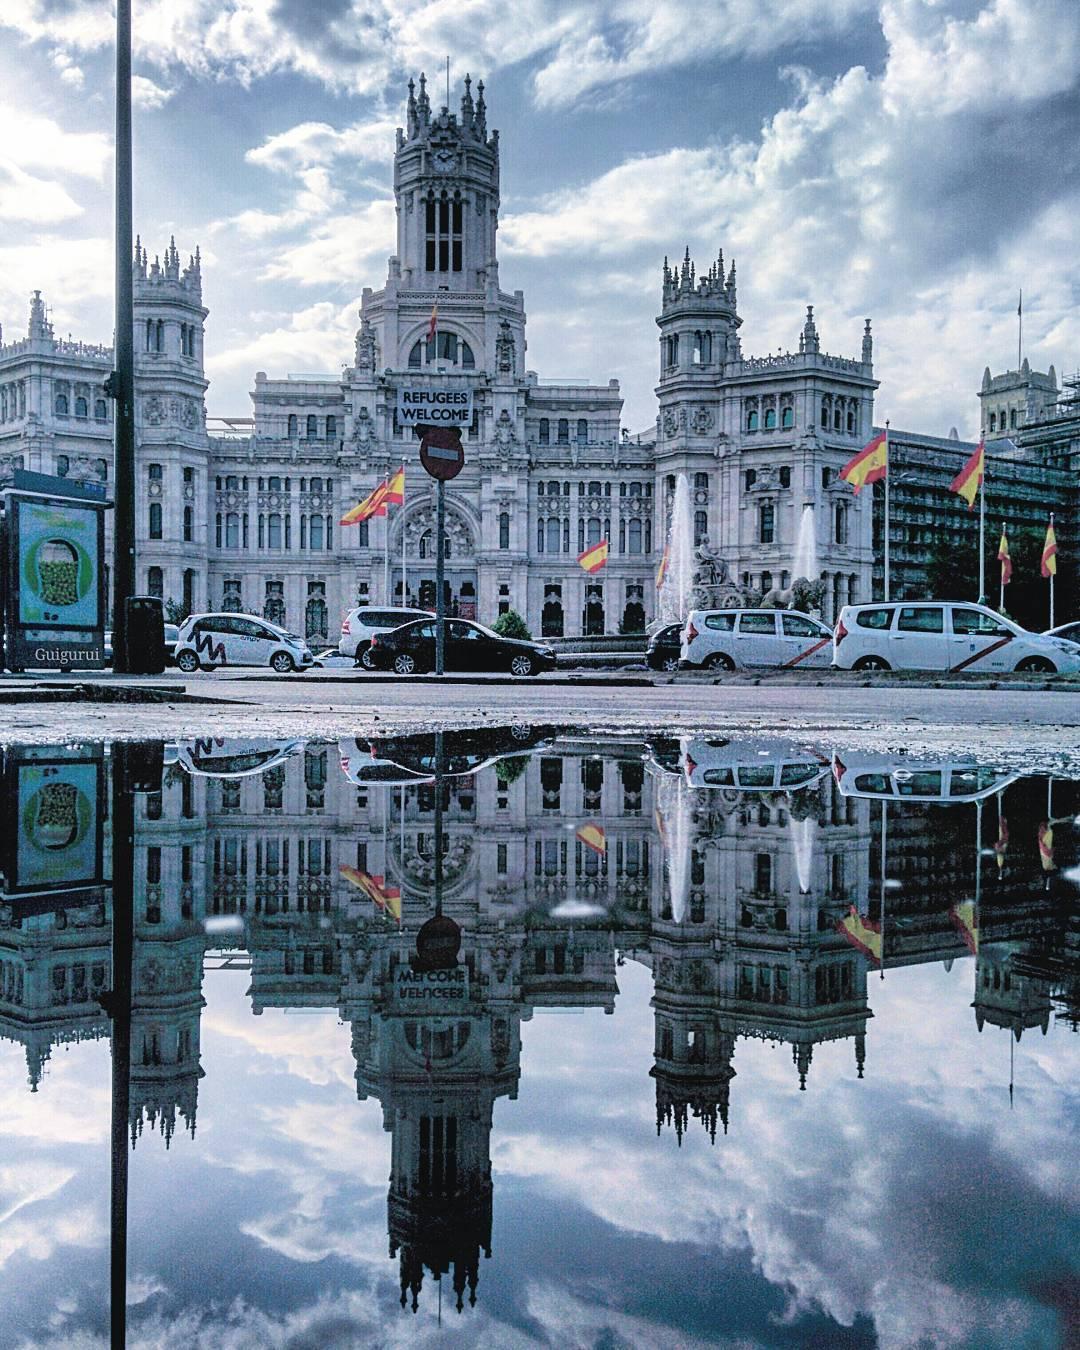 Гвидо Гутьеррес Guido Gutierrez Скрытые параллельные миры, в отражениях луж